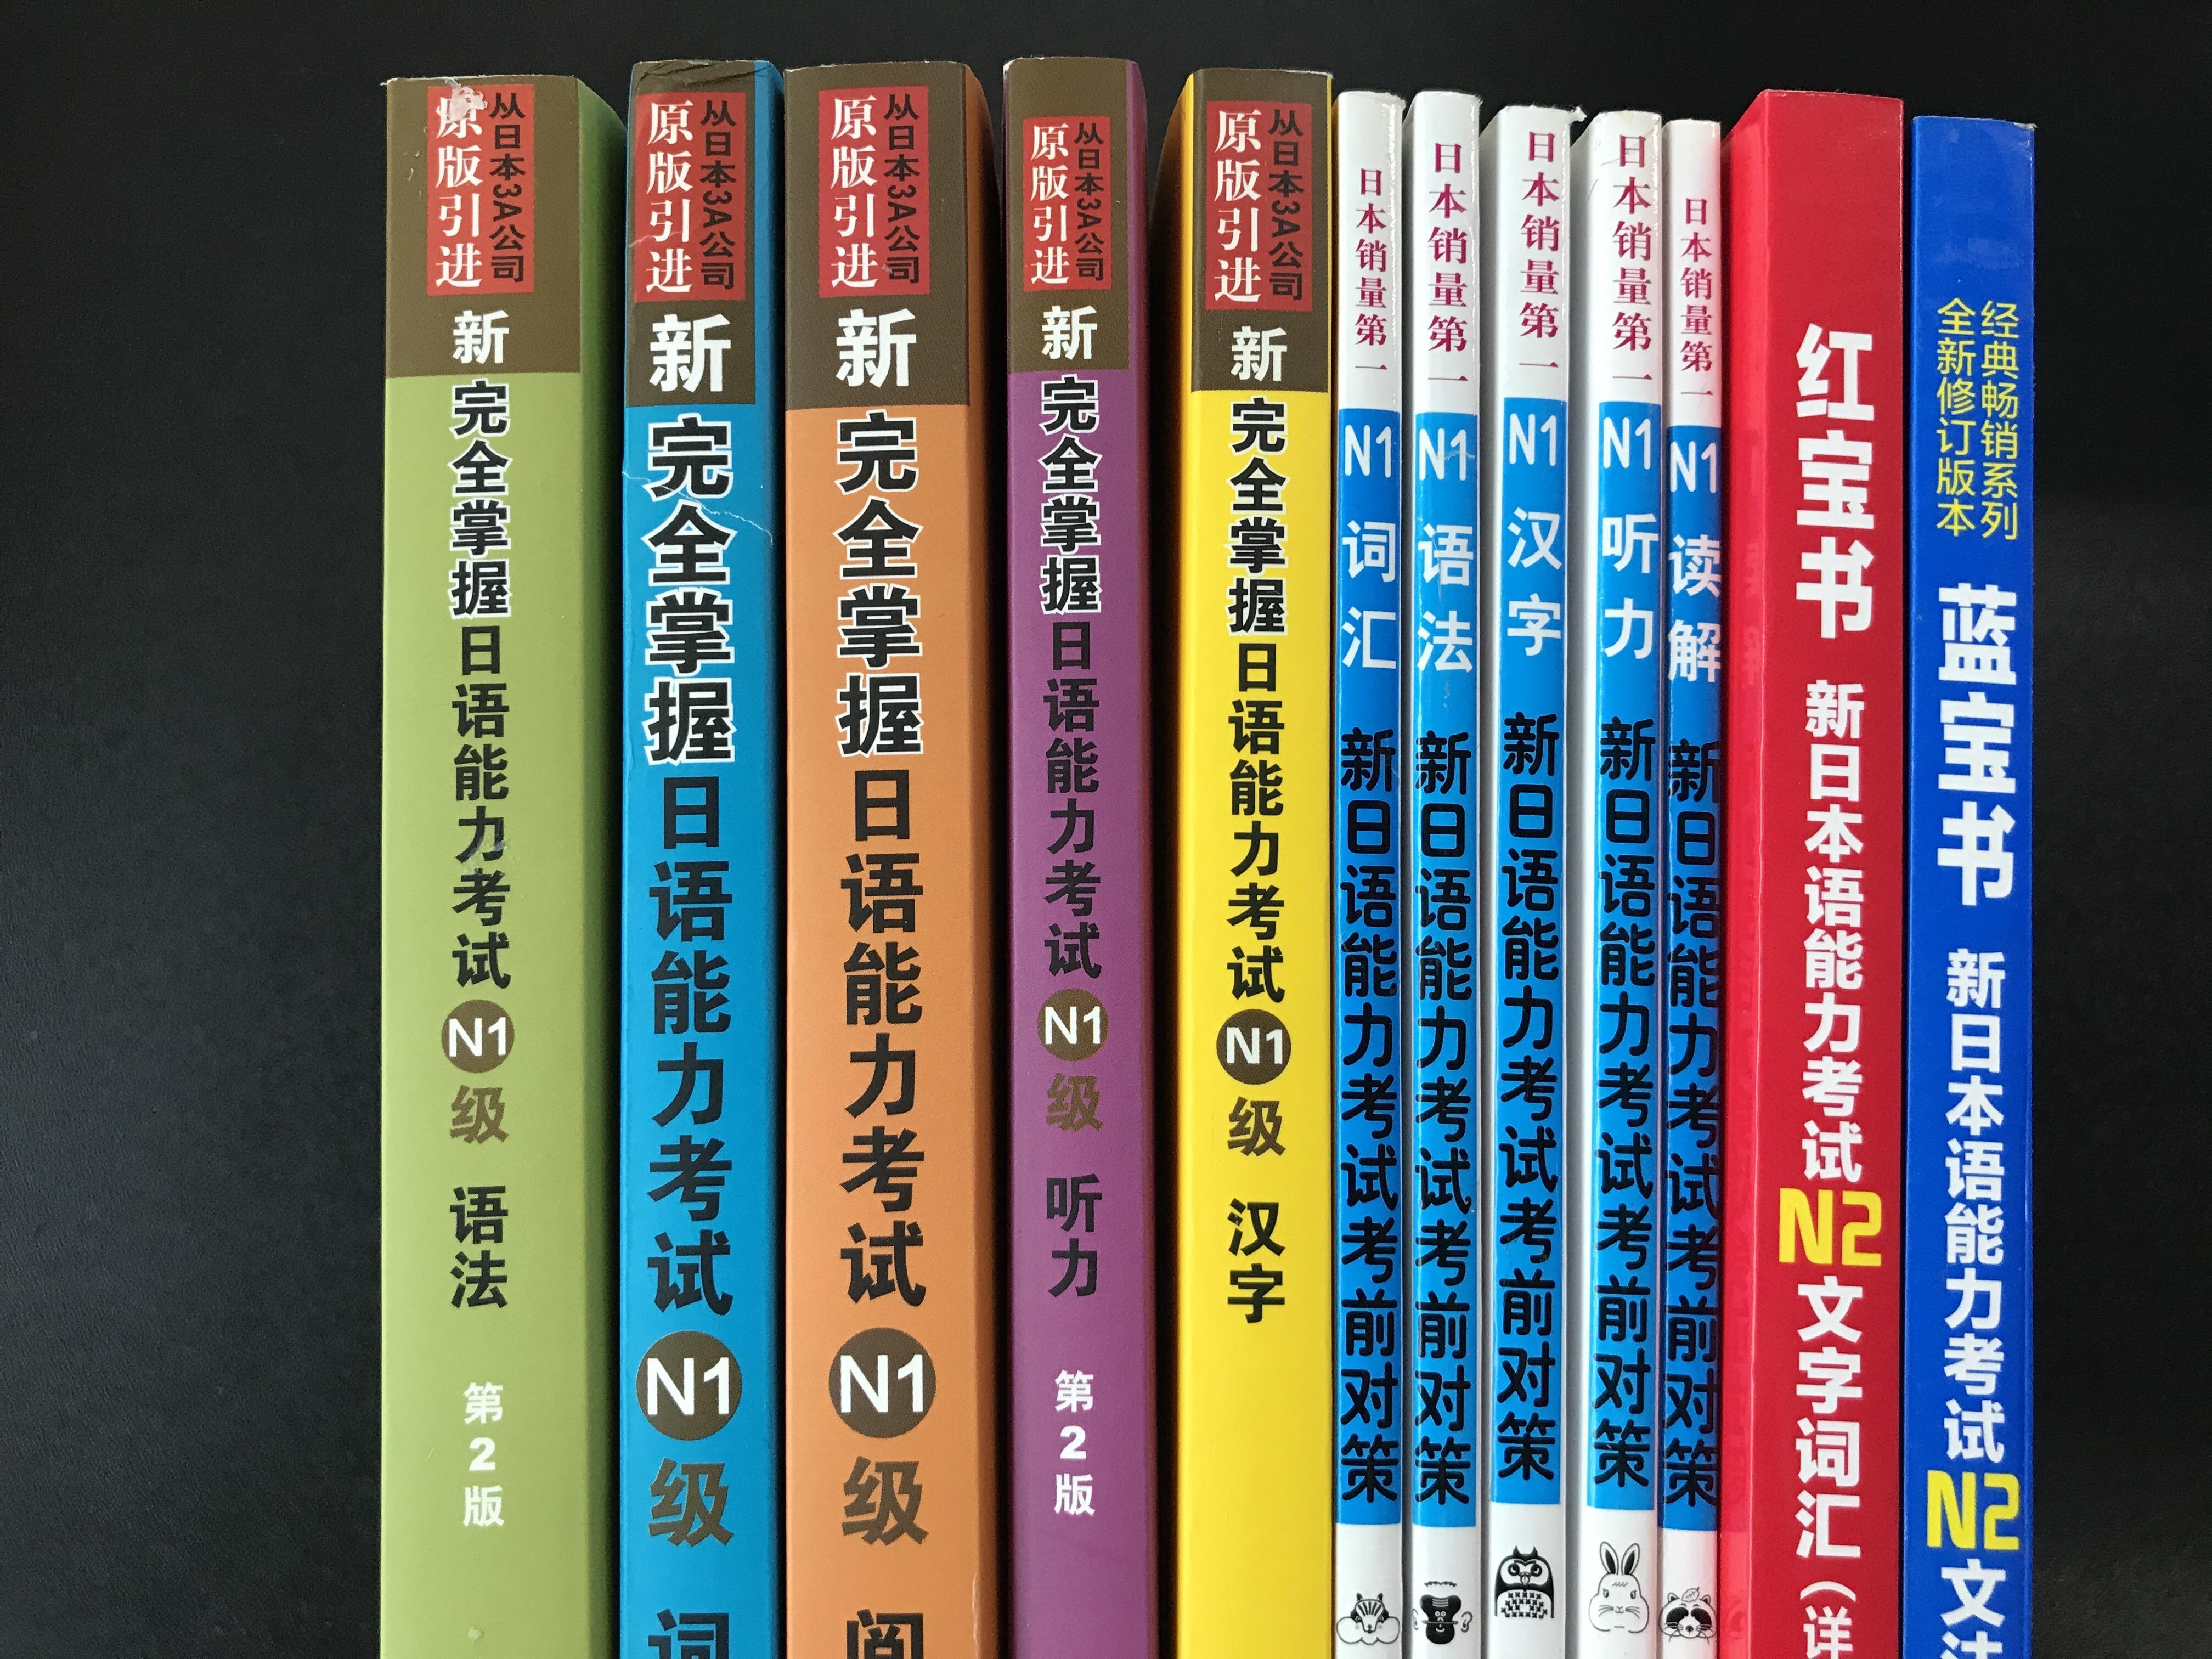 最全日语能力考备考书测评|红蓝宝书vs新完全掌握vs考前对策vs真题模拟